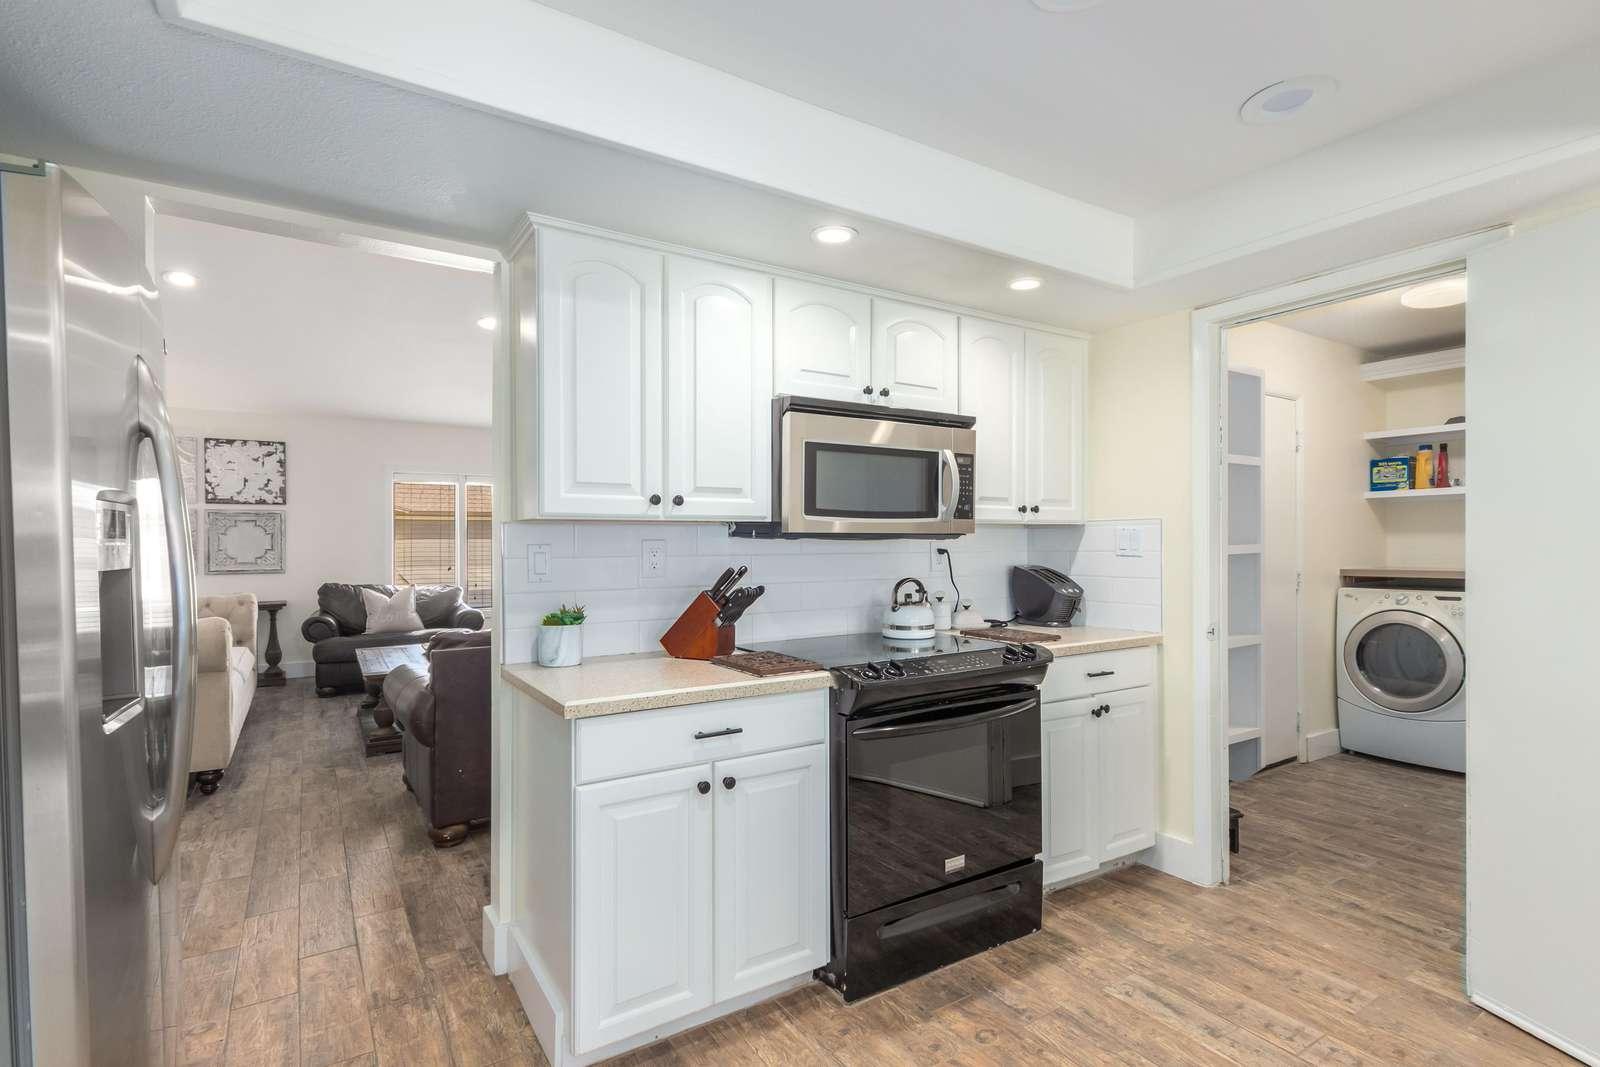 Nice bright updated kitchen.